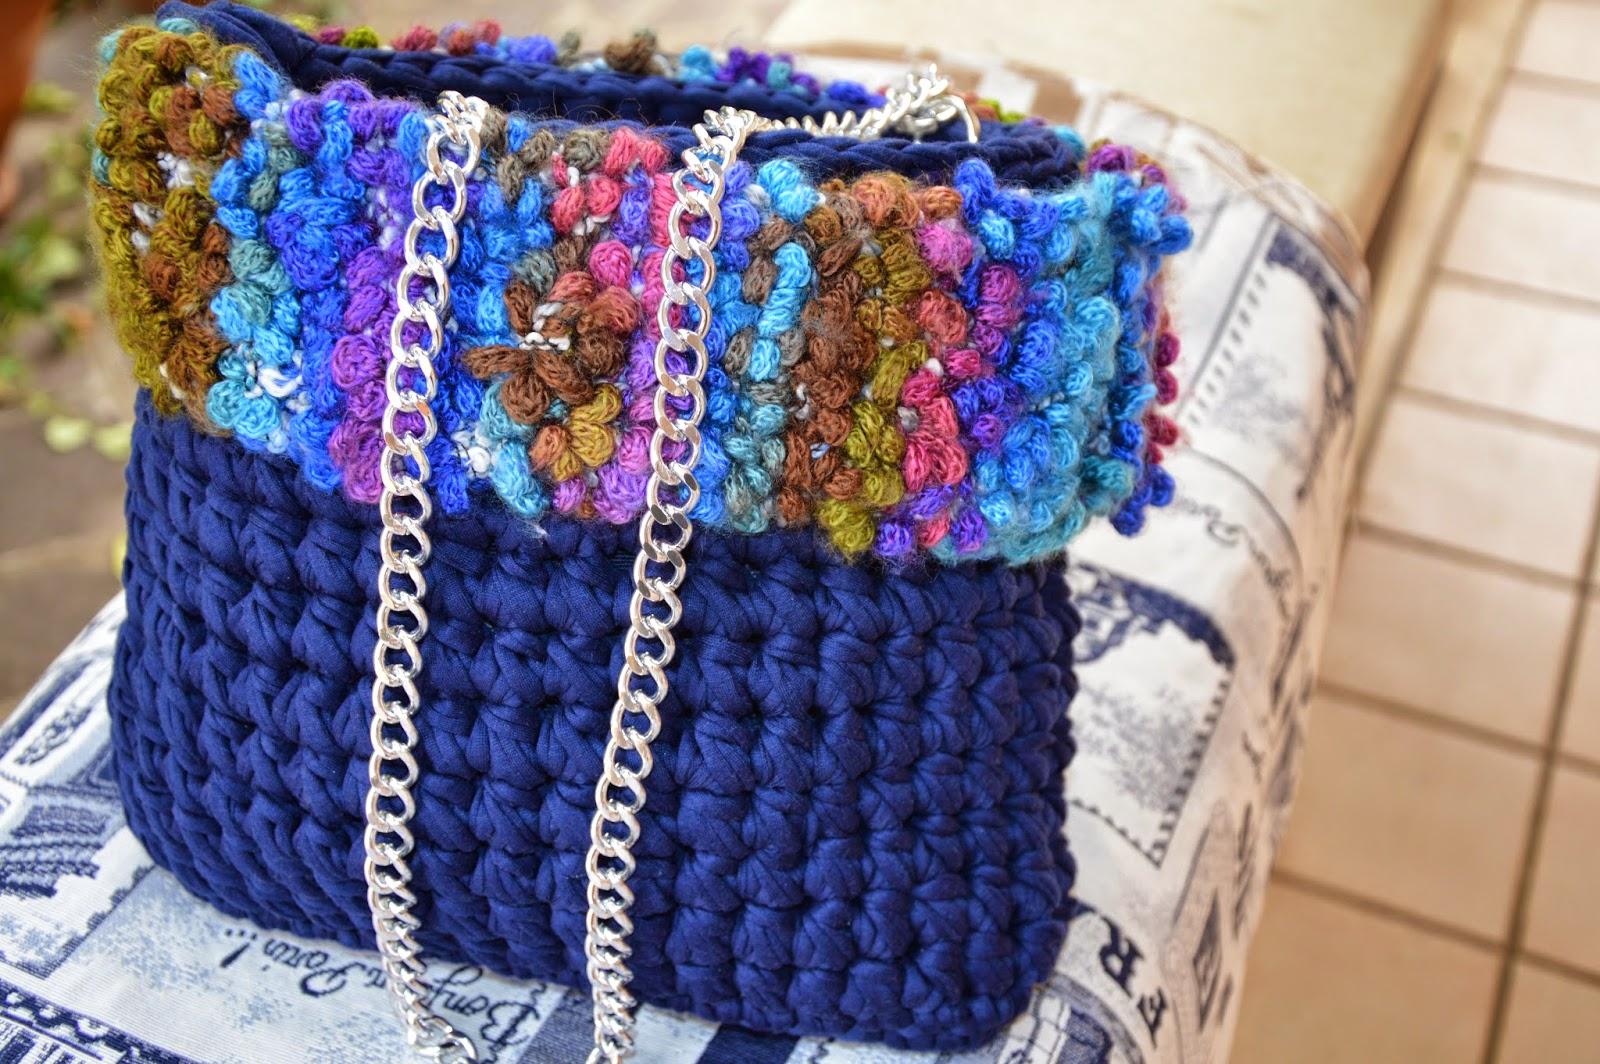 Borsa Caldo cotone blu e bordo lana Bouclé